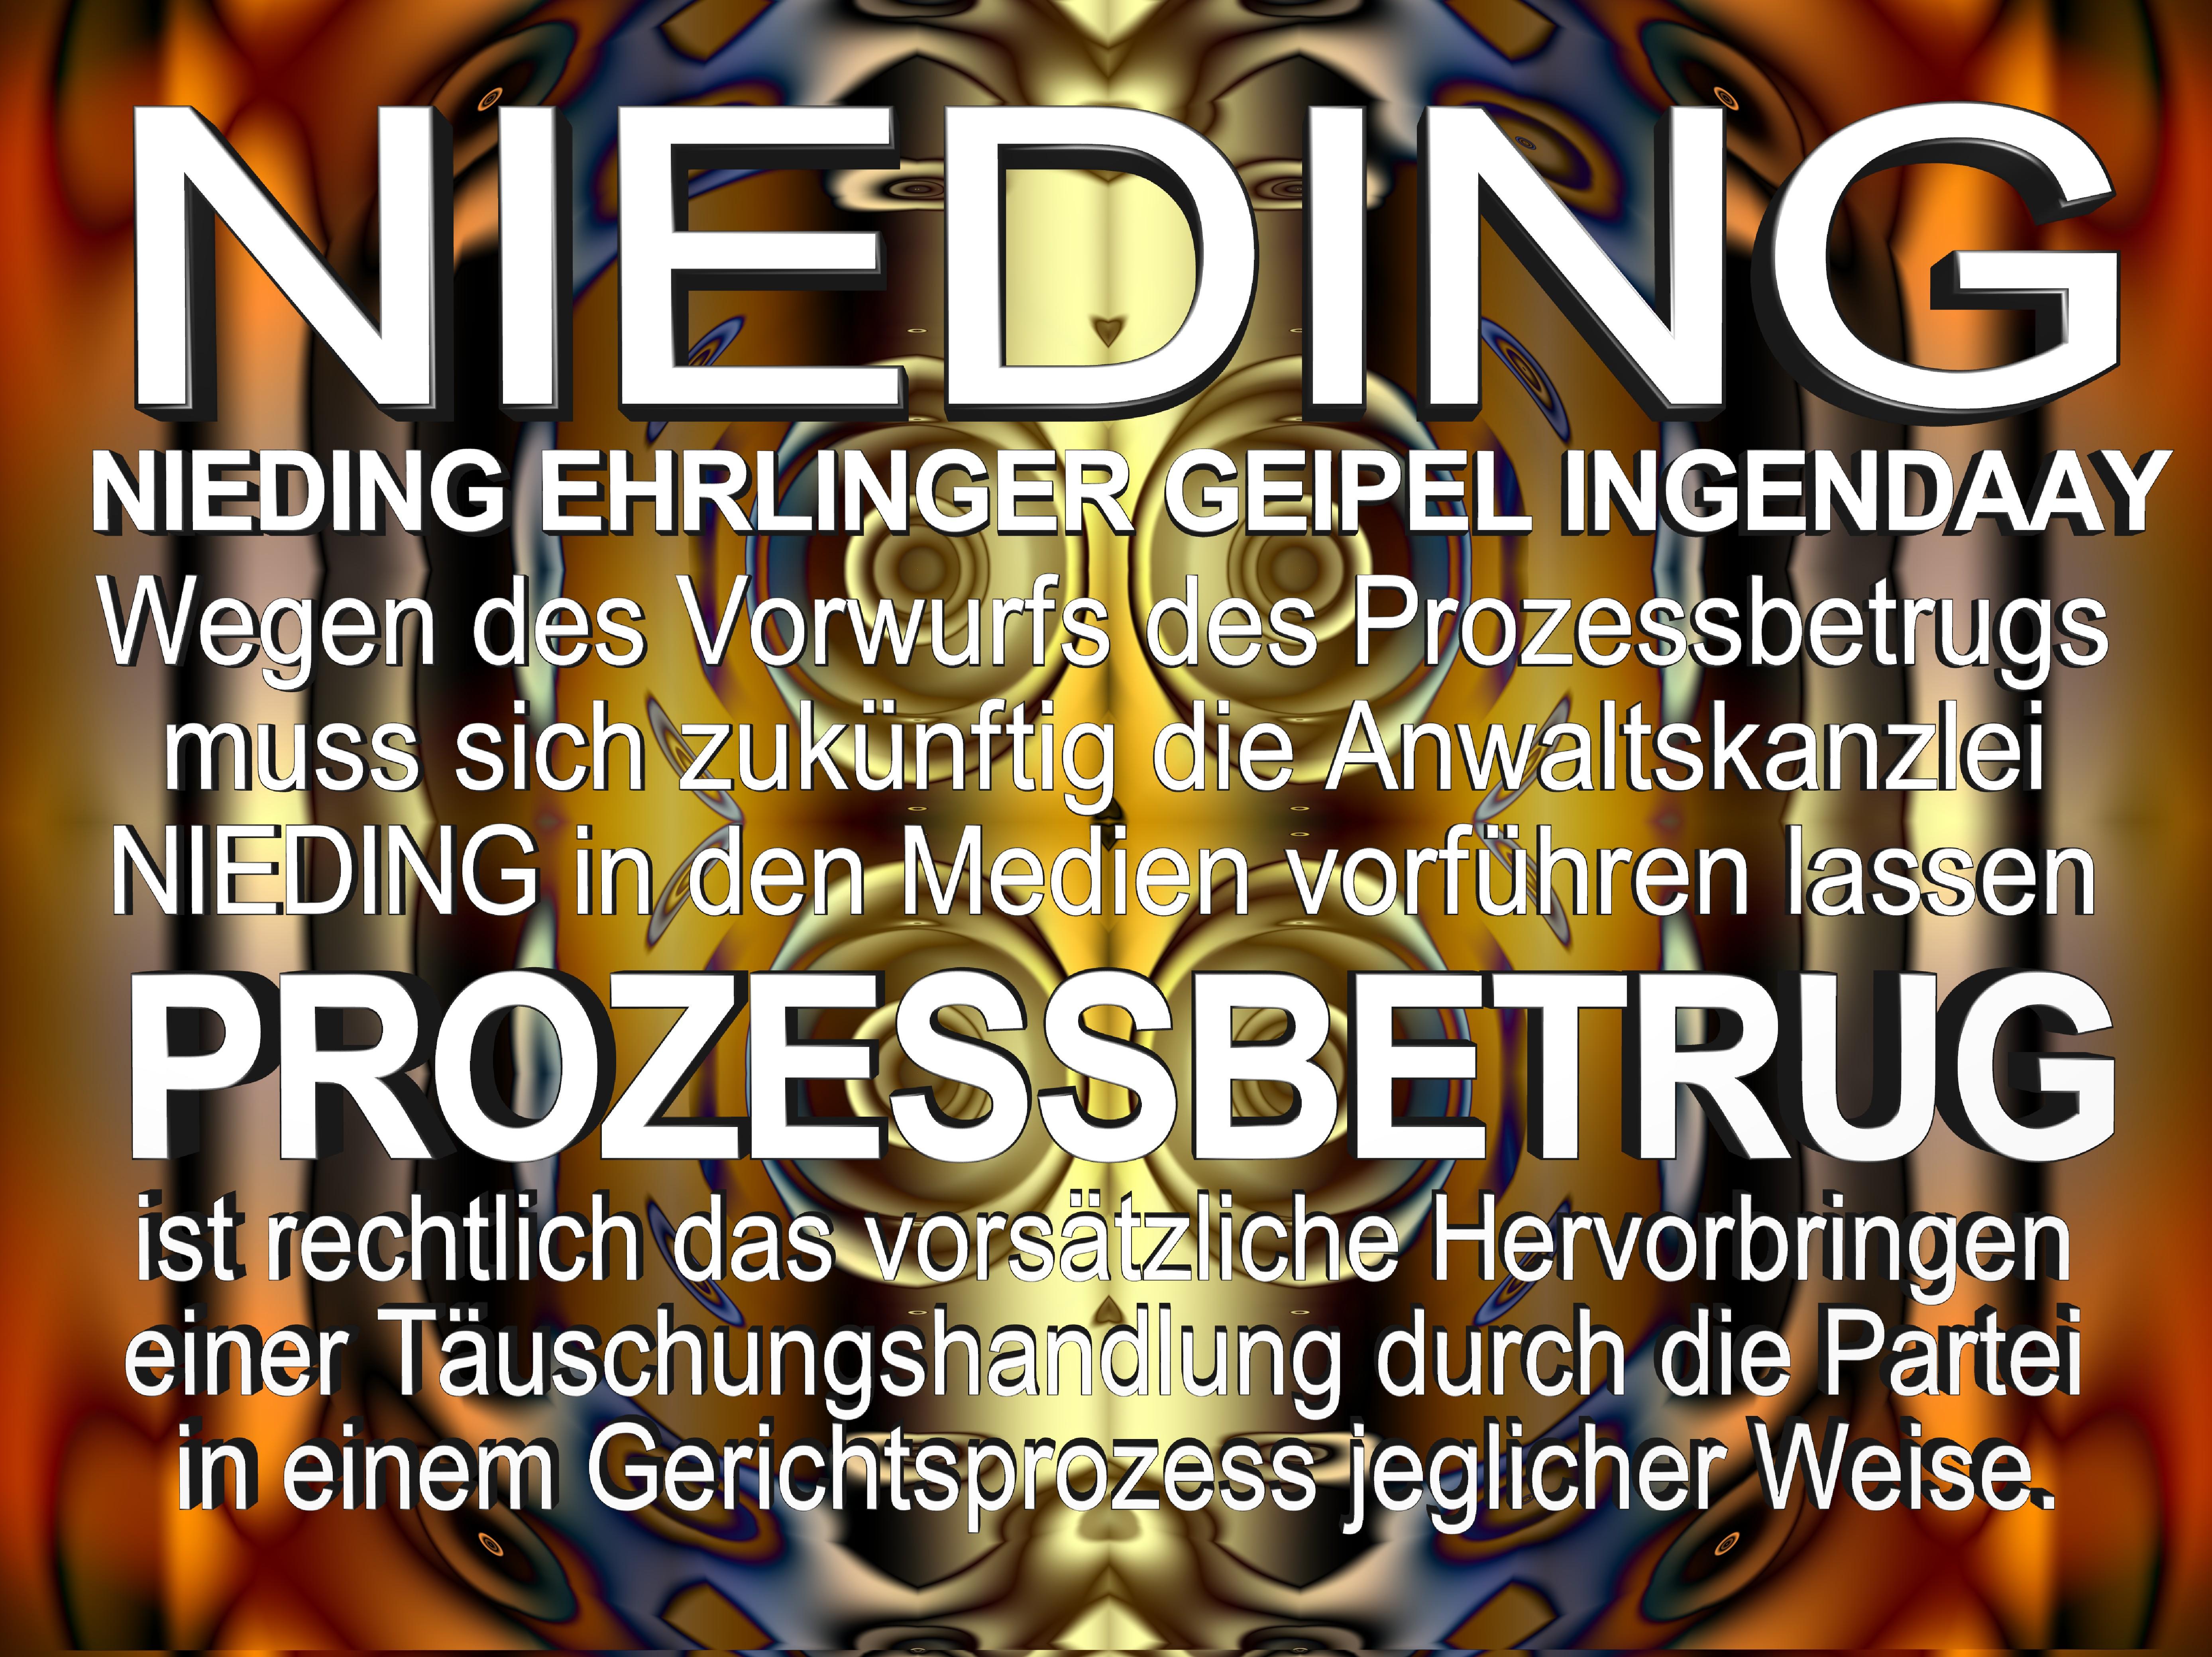 NIEDING EHRLINGER GEIPEL INGENDAAY LELKE Kurfürstendamm 66 Berlin (167)